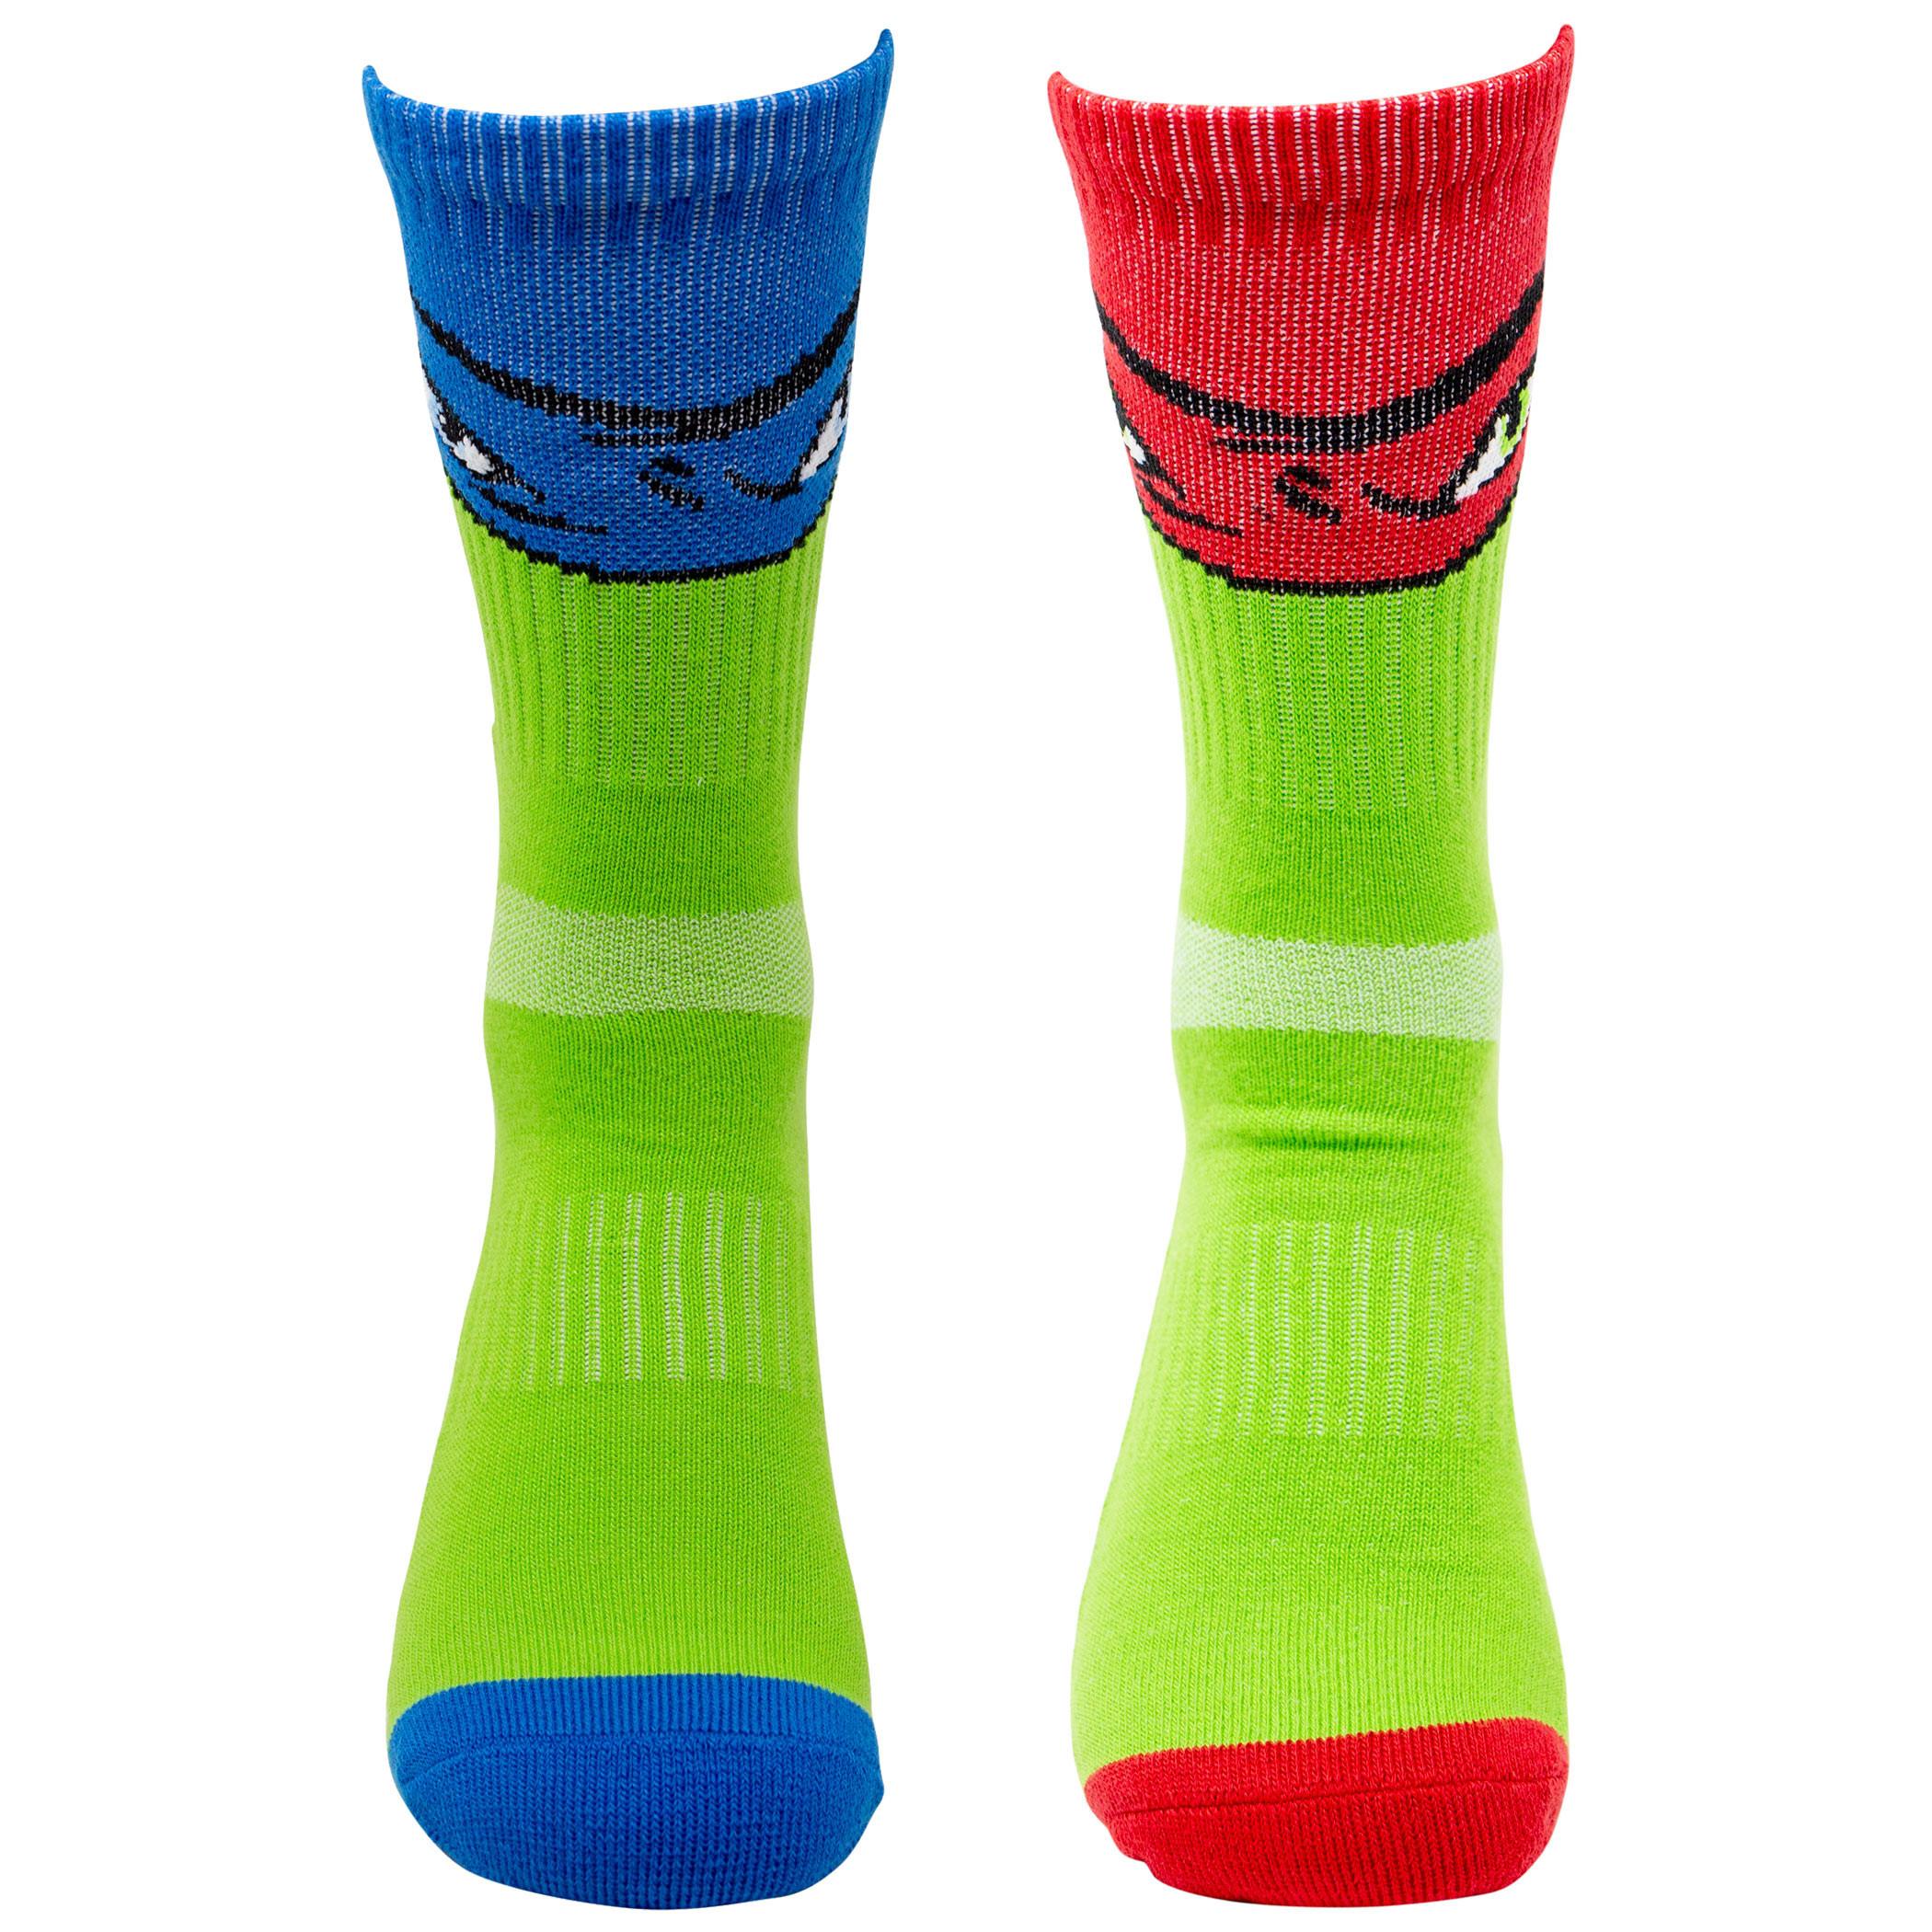 Teenage Mutant Ninja Turtles 2-Pack Athletic Kids Socks